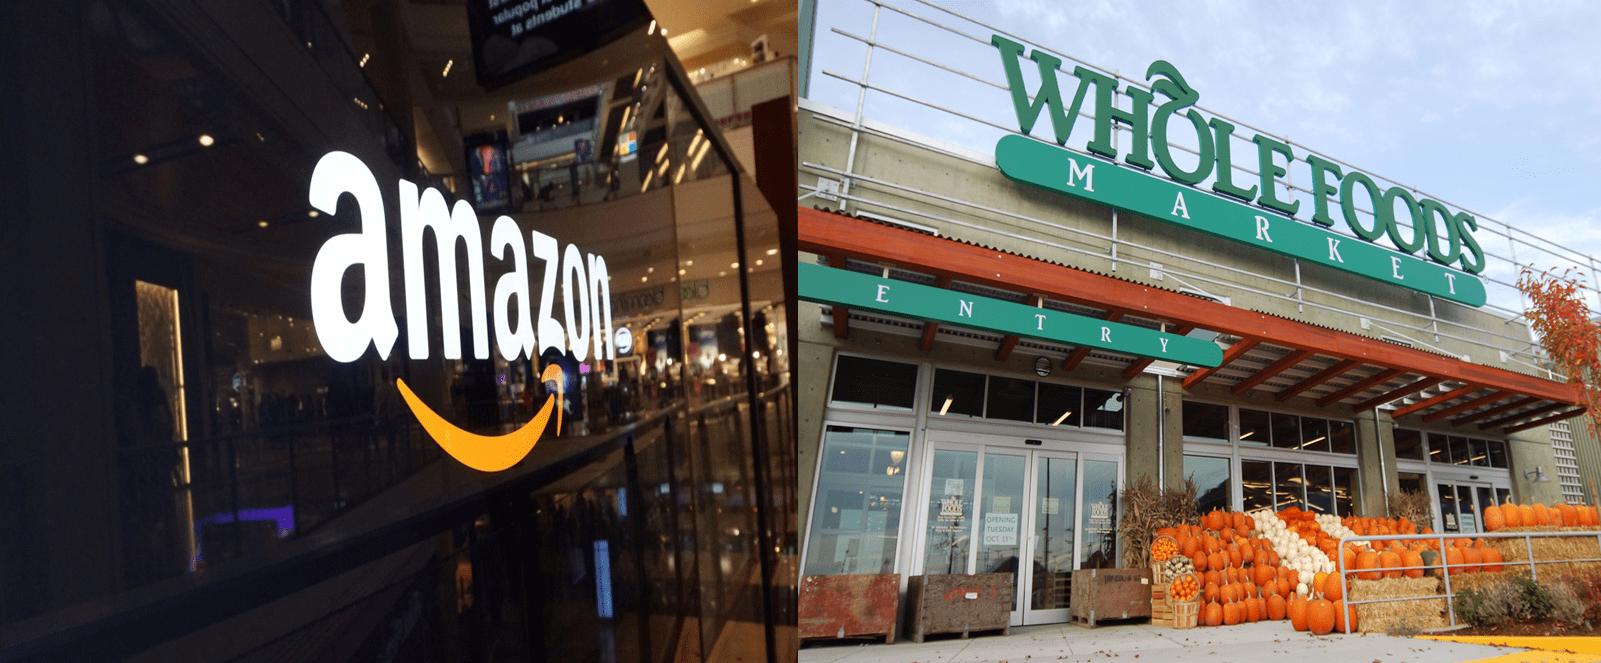 Amazon - Whole Foods